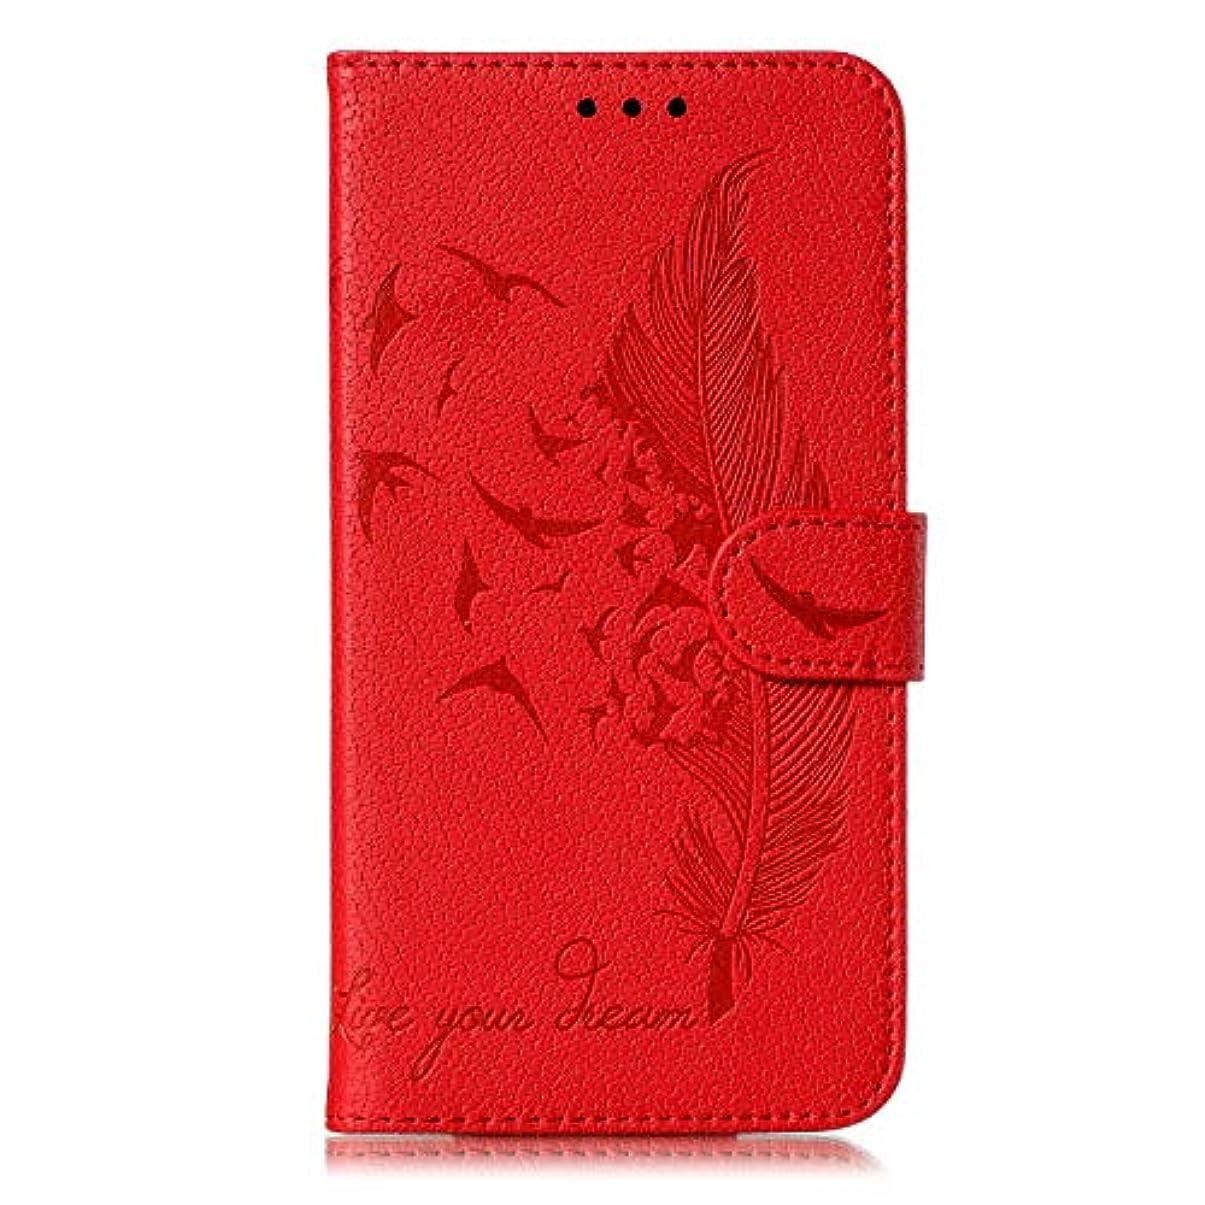 好奇心盛記者北極圏Galaxy A70 ケース, OMATENTI PUレザー手帳型 ケース, 薄型 財布押し花 フェザー柄 スマホケース, マグネット開閉式 スタンド機能 カード収納 付き人気 新品, 赤